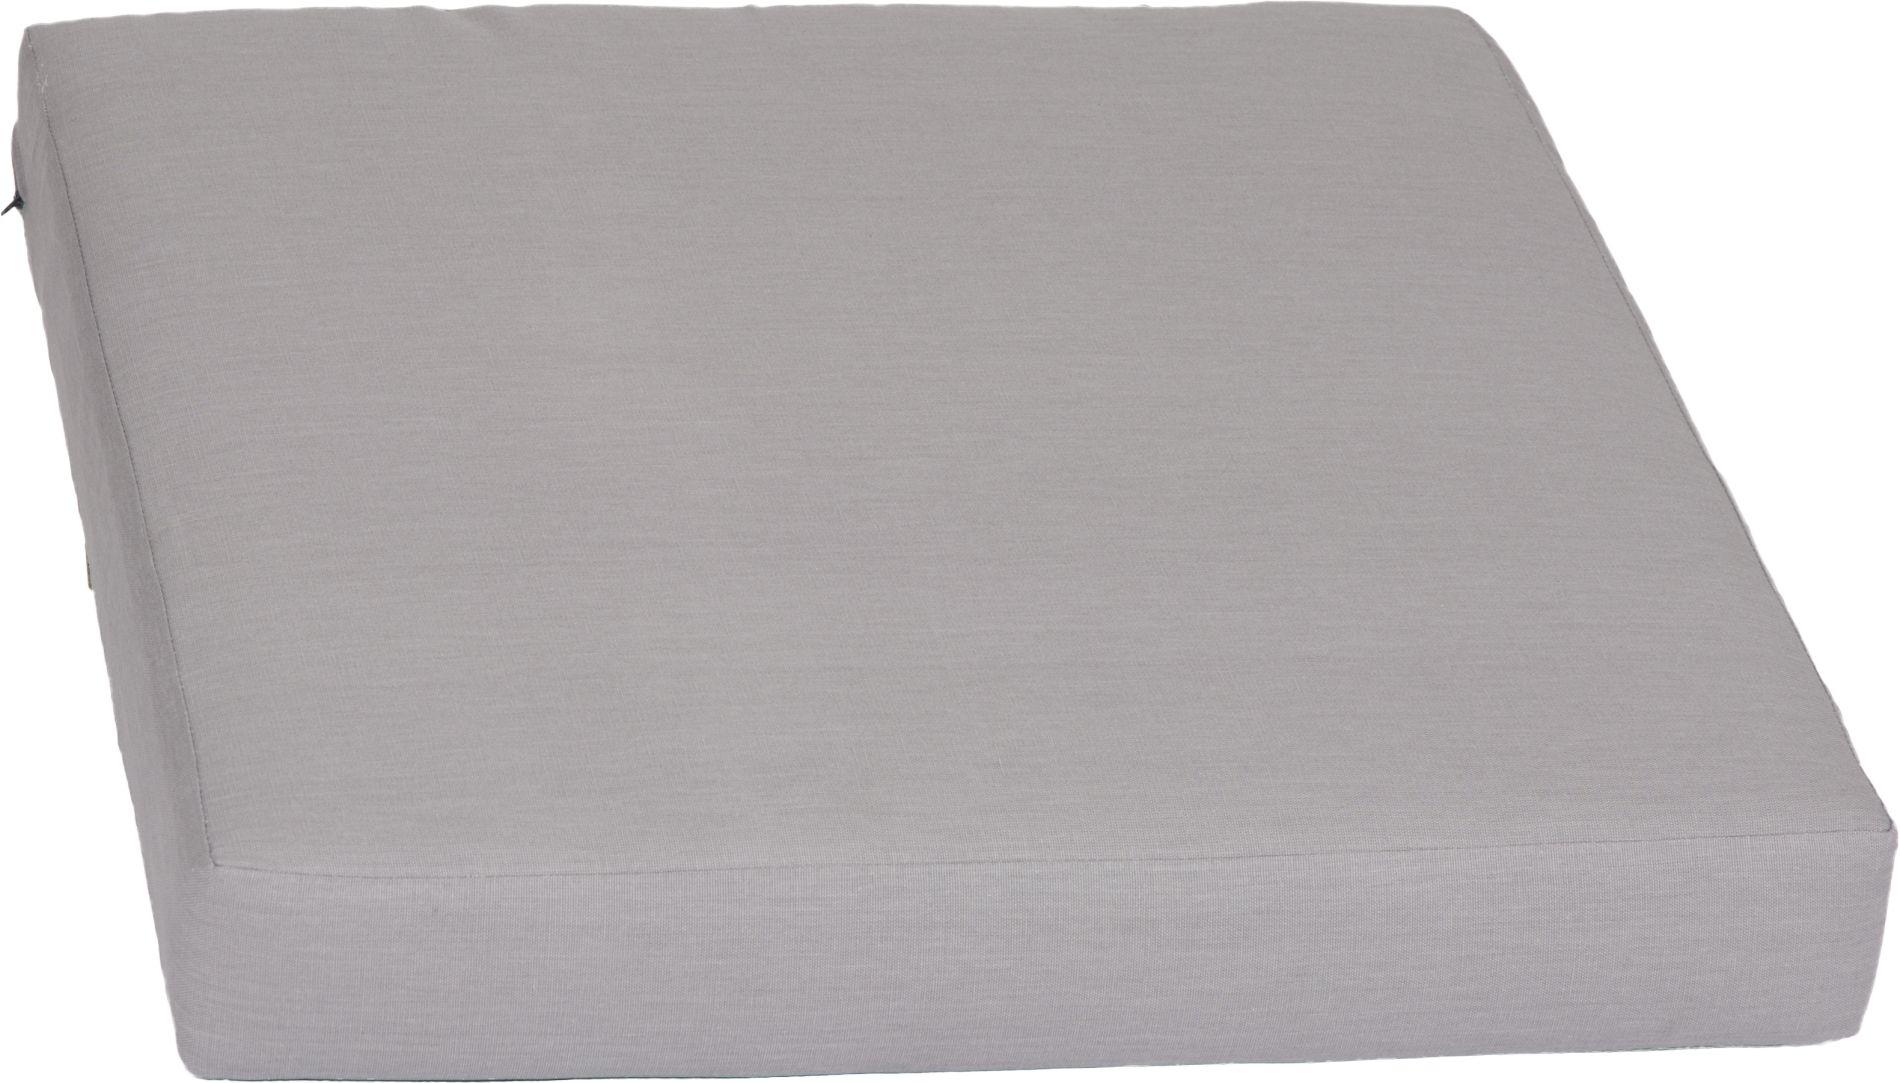 acamp Weekend Sitzkissen für Erweiterungselement grau 64 x 70 x 8 cm